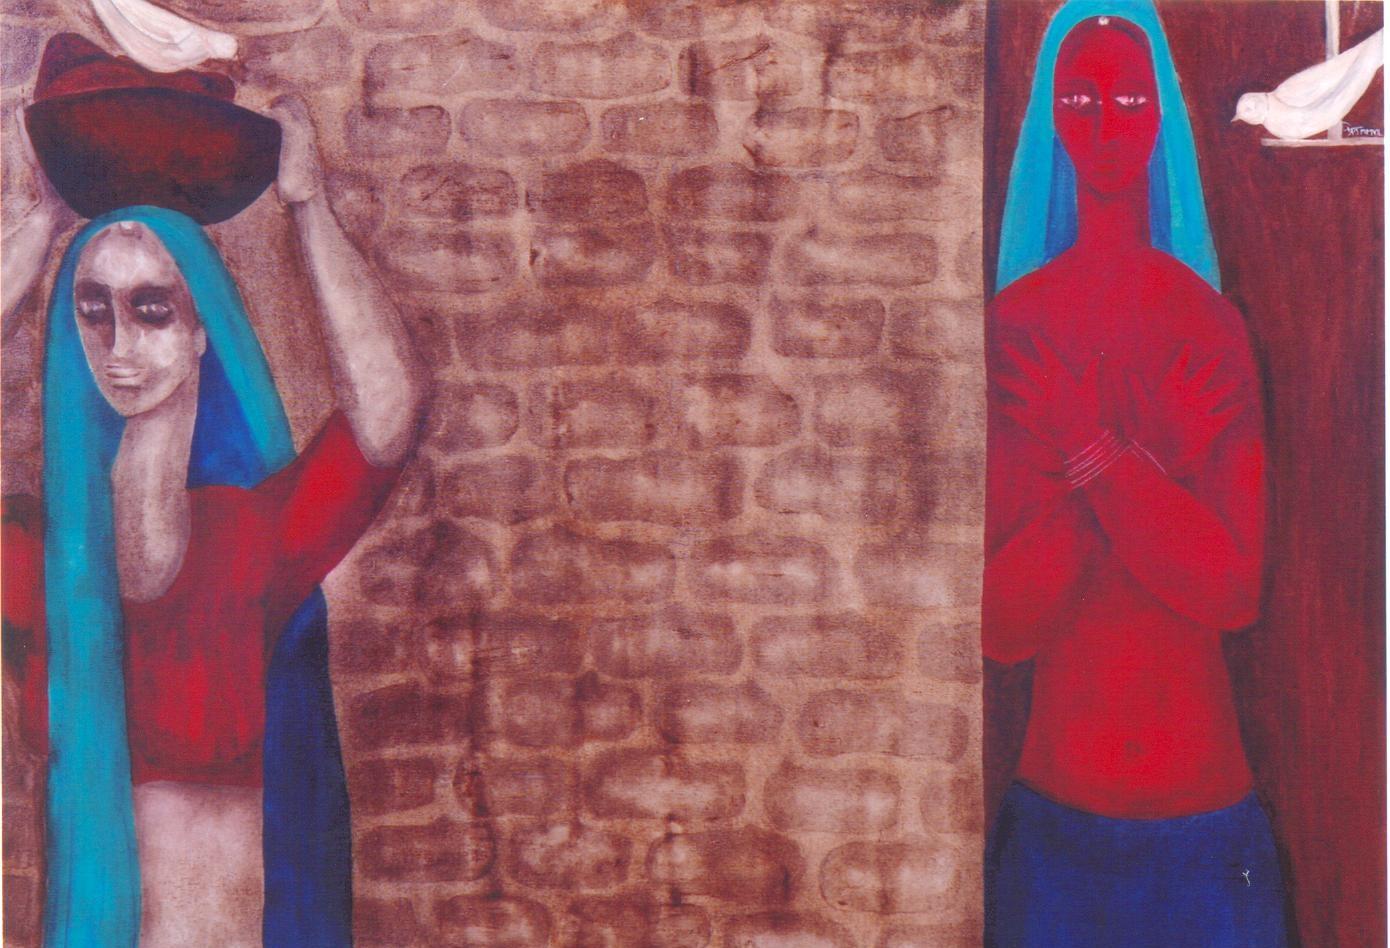 Prem Chowdhry, Scarlet Woman (2008)